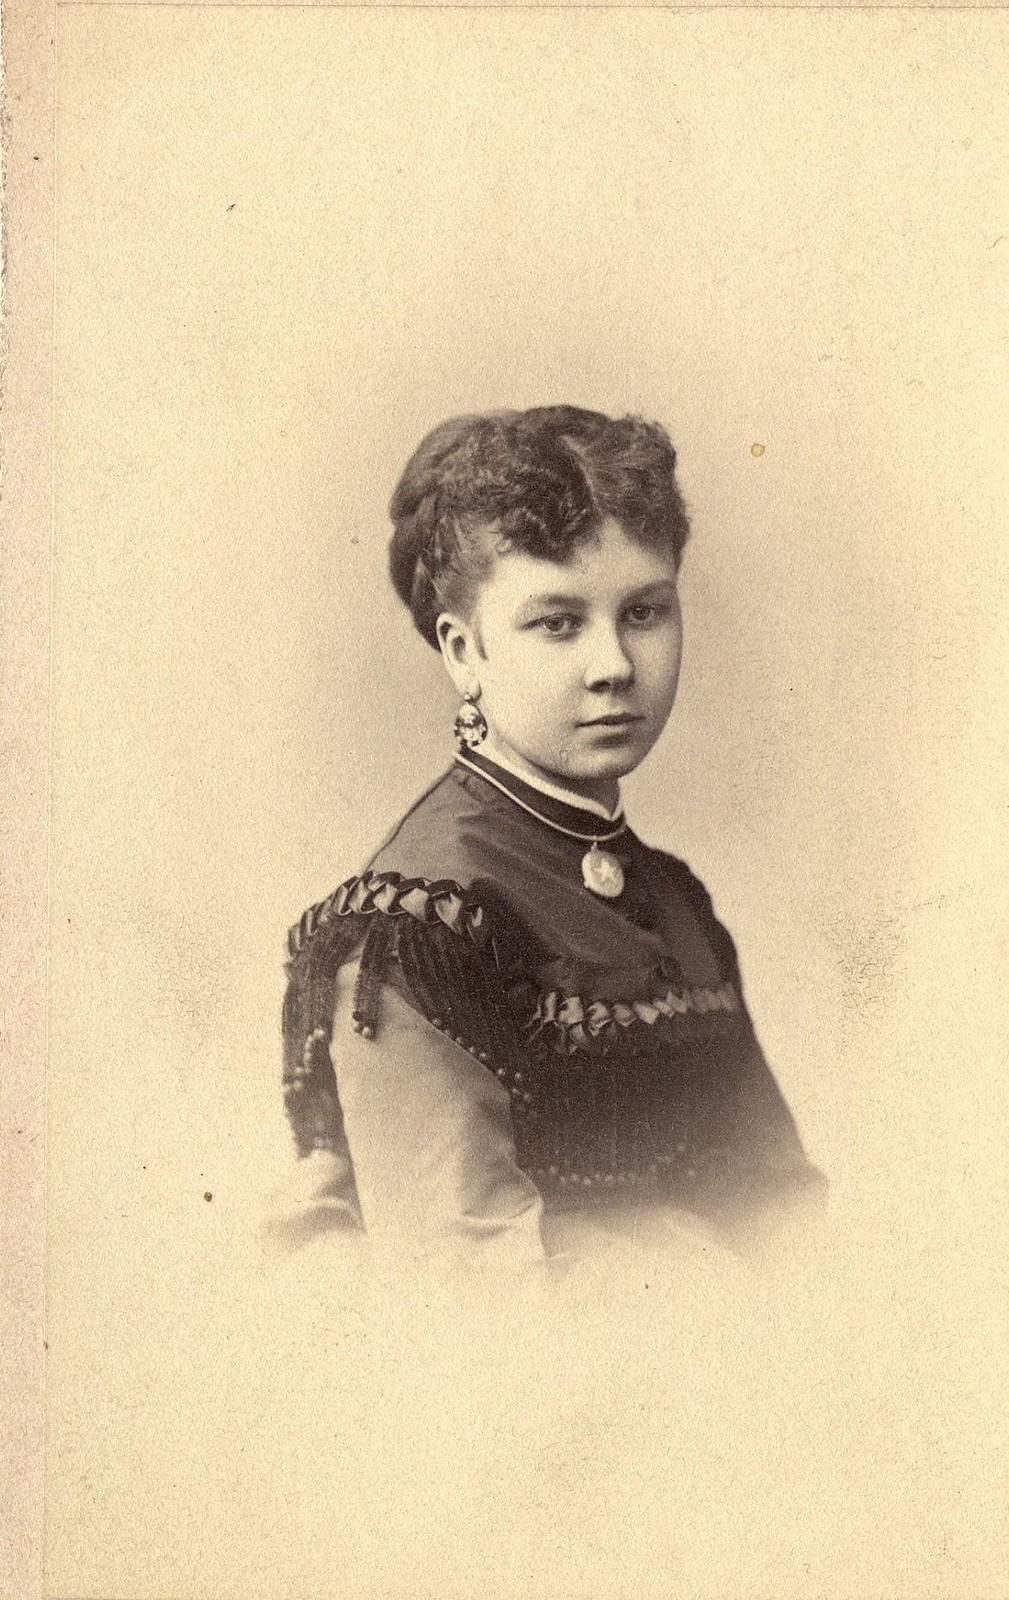 Безносикова Ольга Михайловна - дочь золотопромышленника М.С. Безносиков. 1865